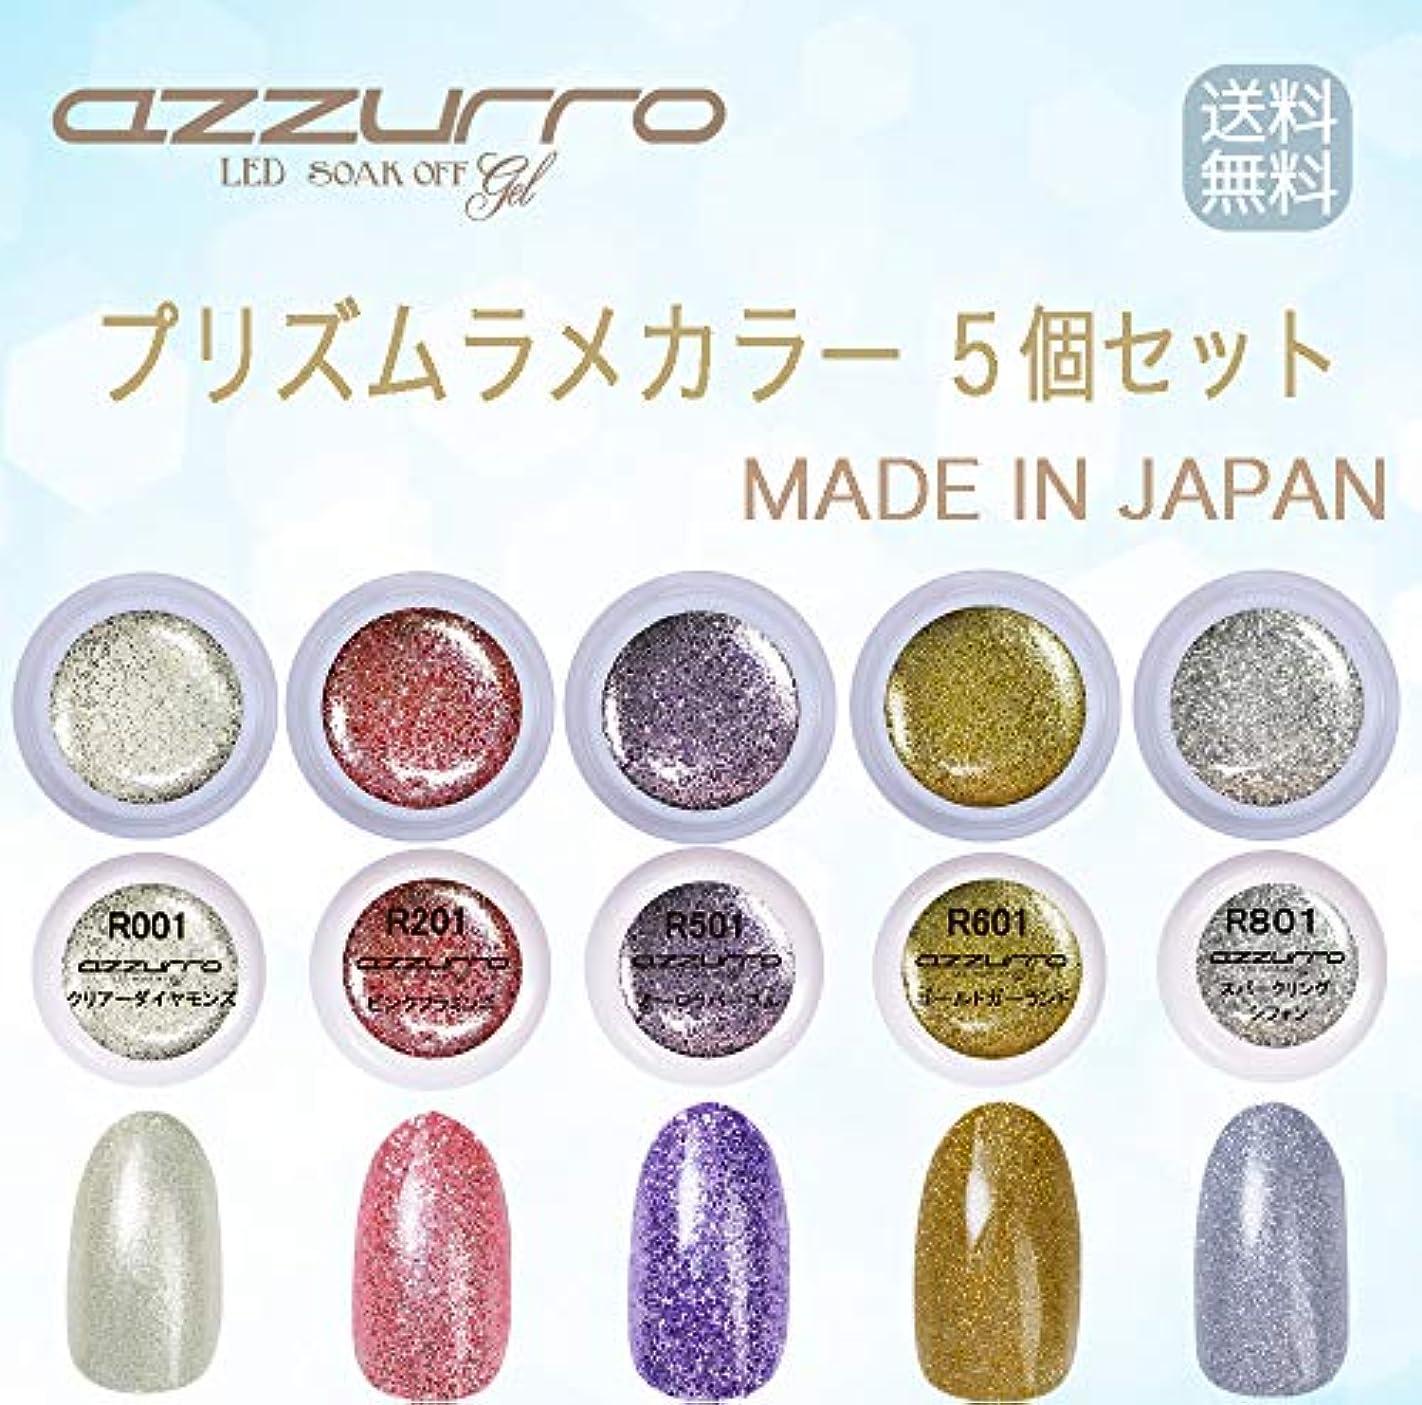 検出可能ずらす構成する【送料無料】日本製 azzurro gel プリズムラメカラージェル5個セット キラキラネイルにぴったりなカラー